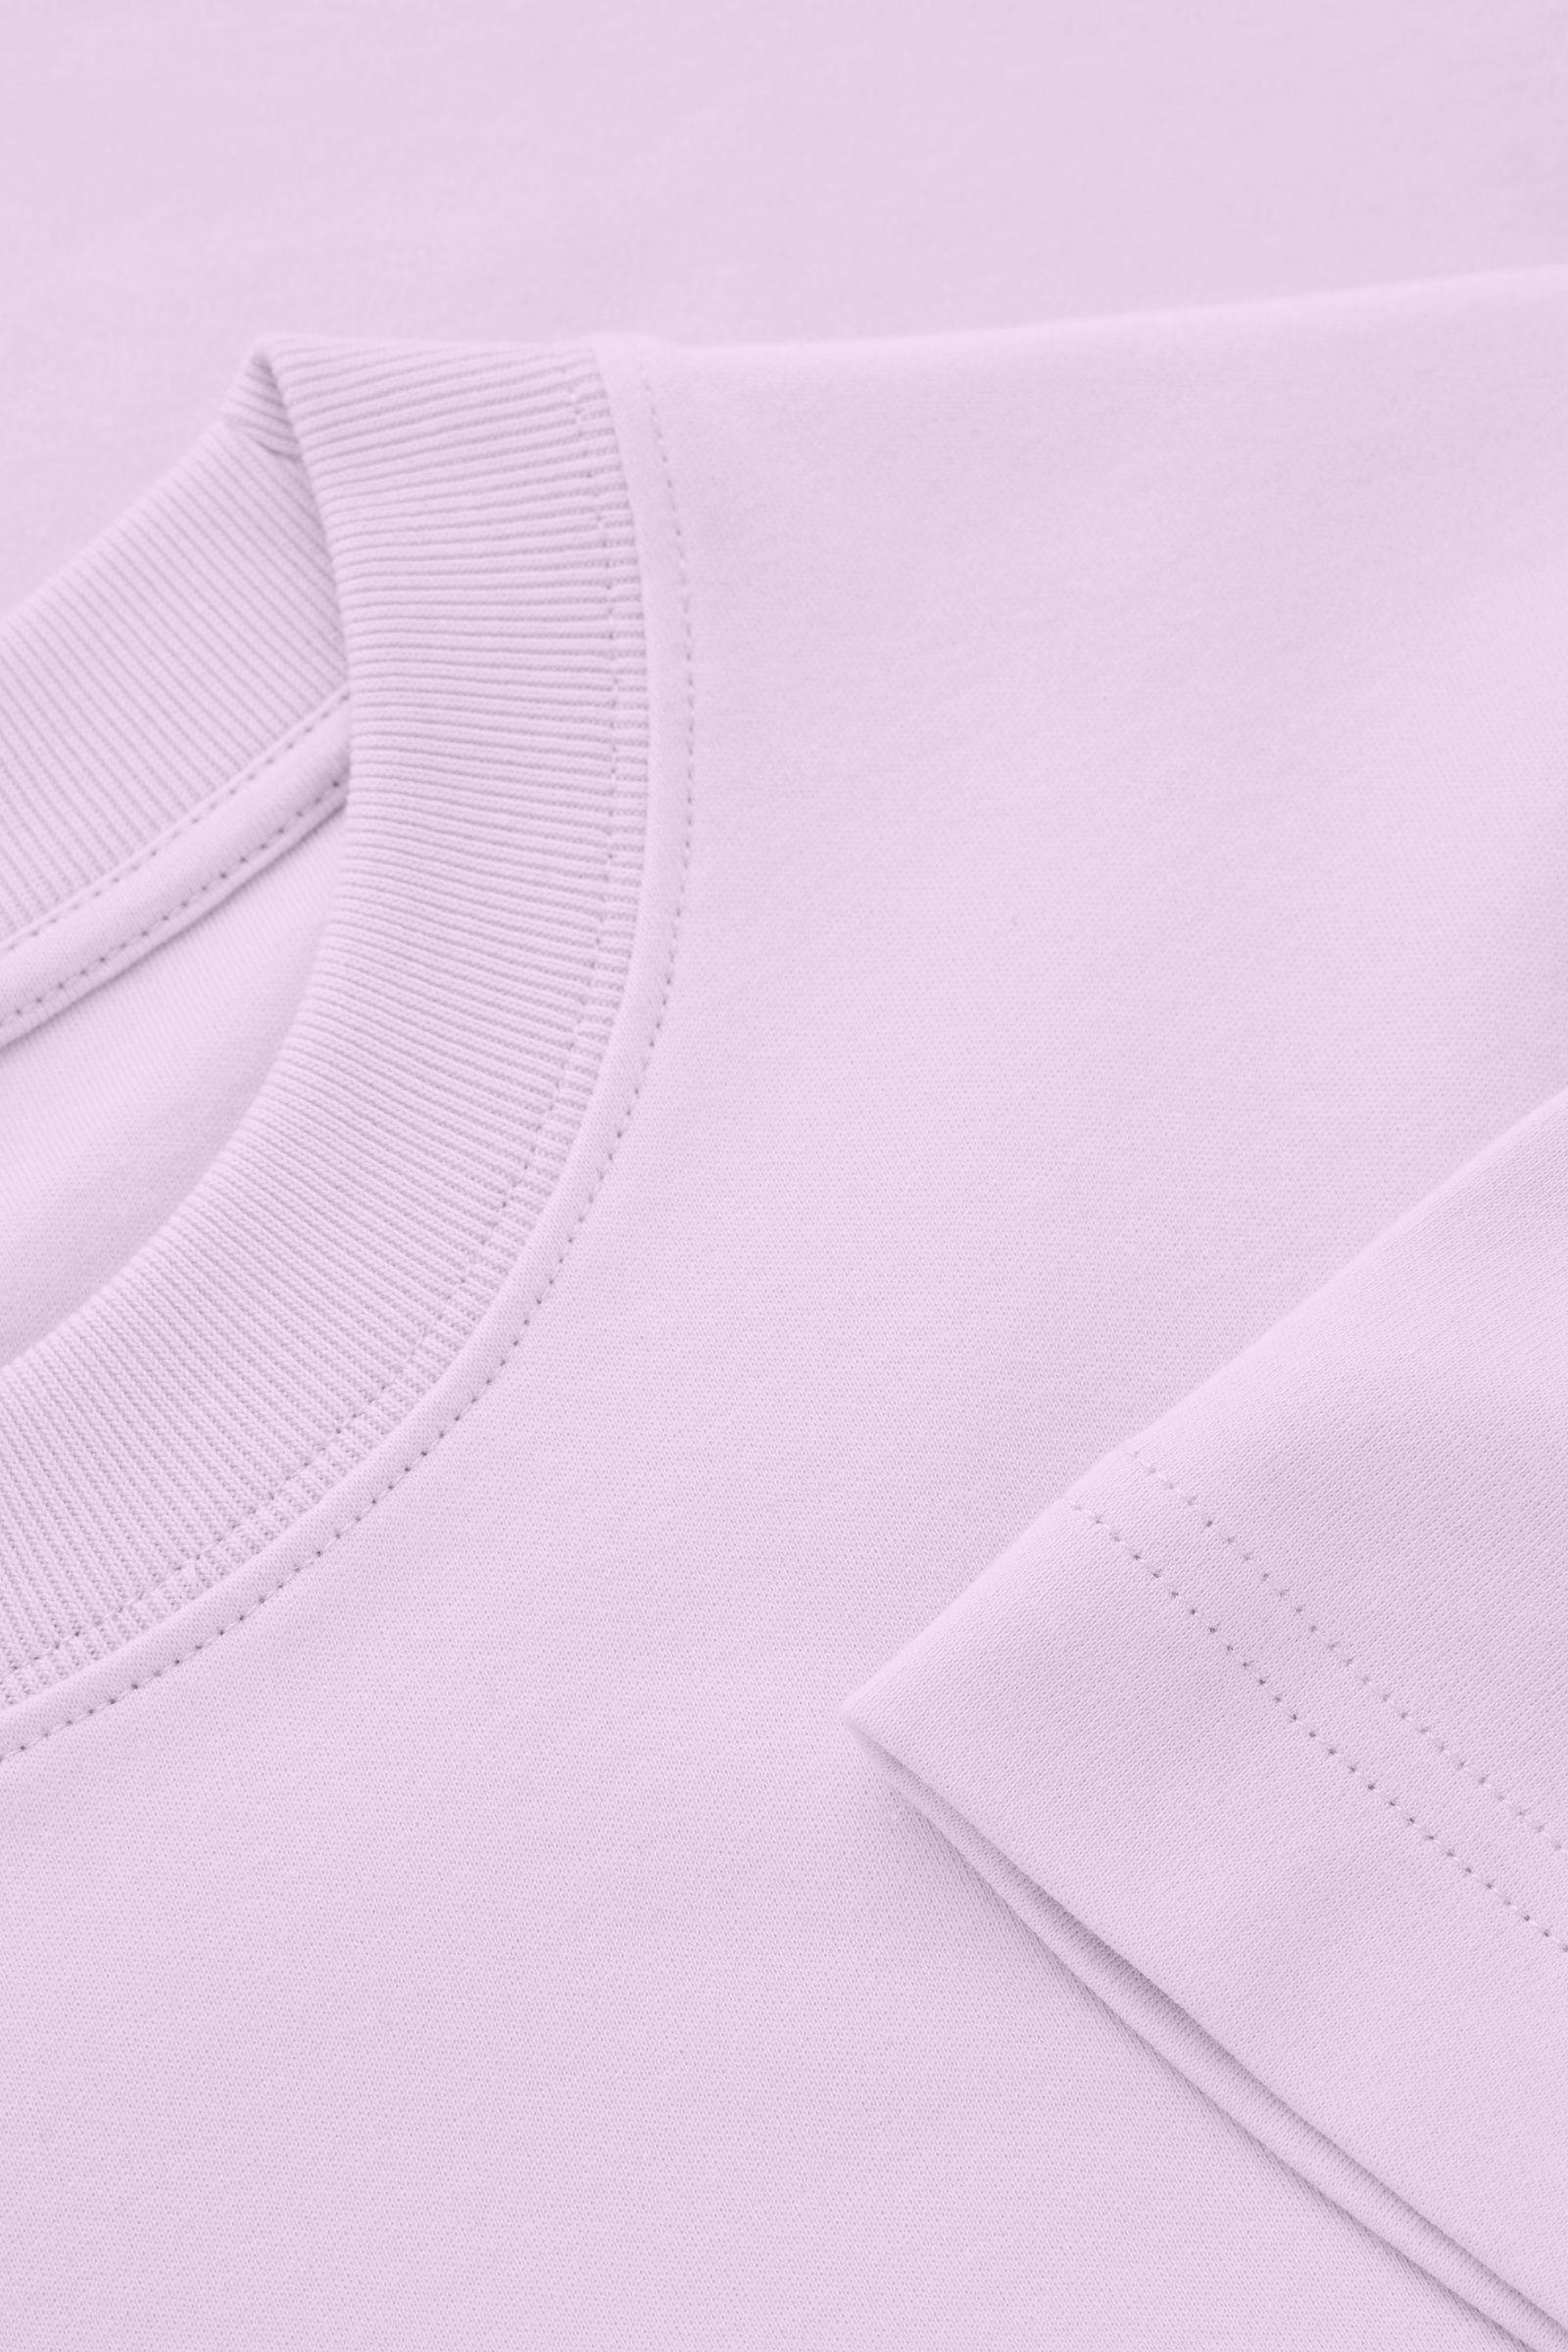 COS 슬림 핏 티셔츠의 퍼플컬러 Detail입니다.